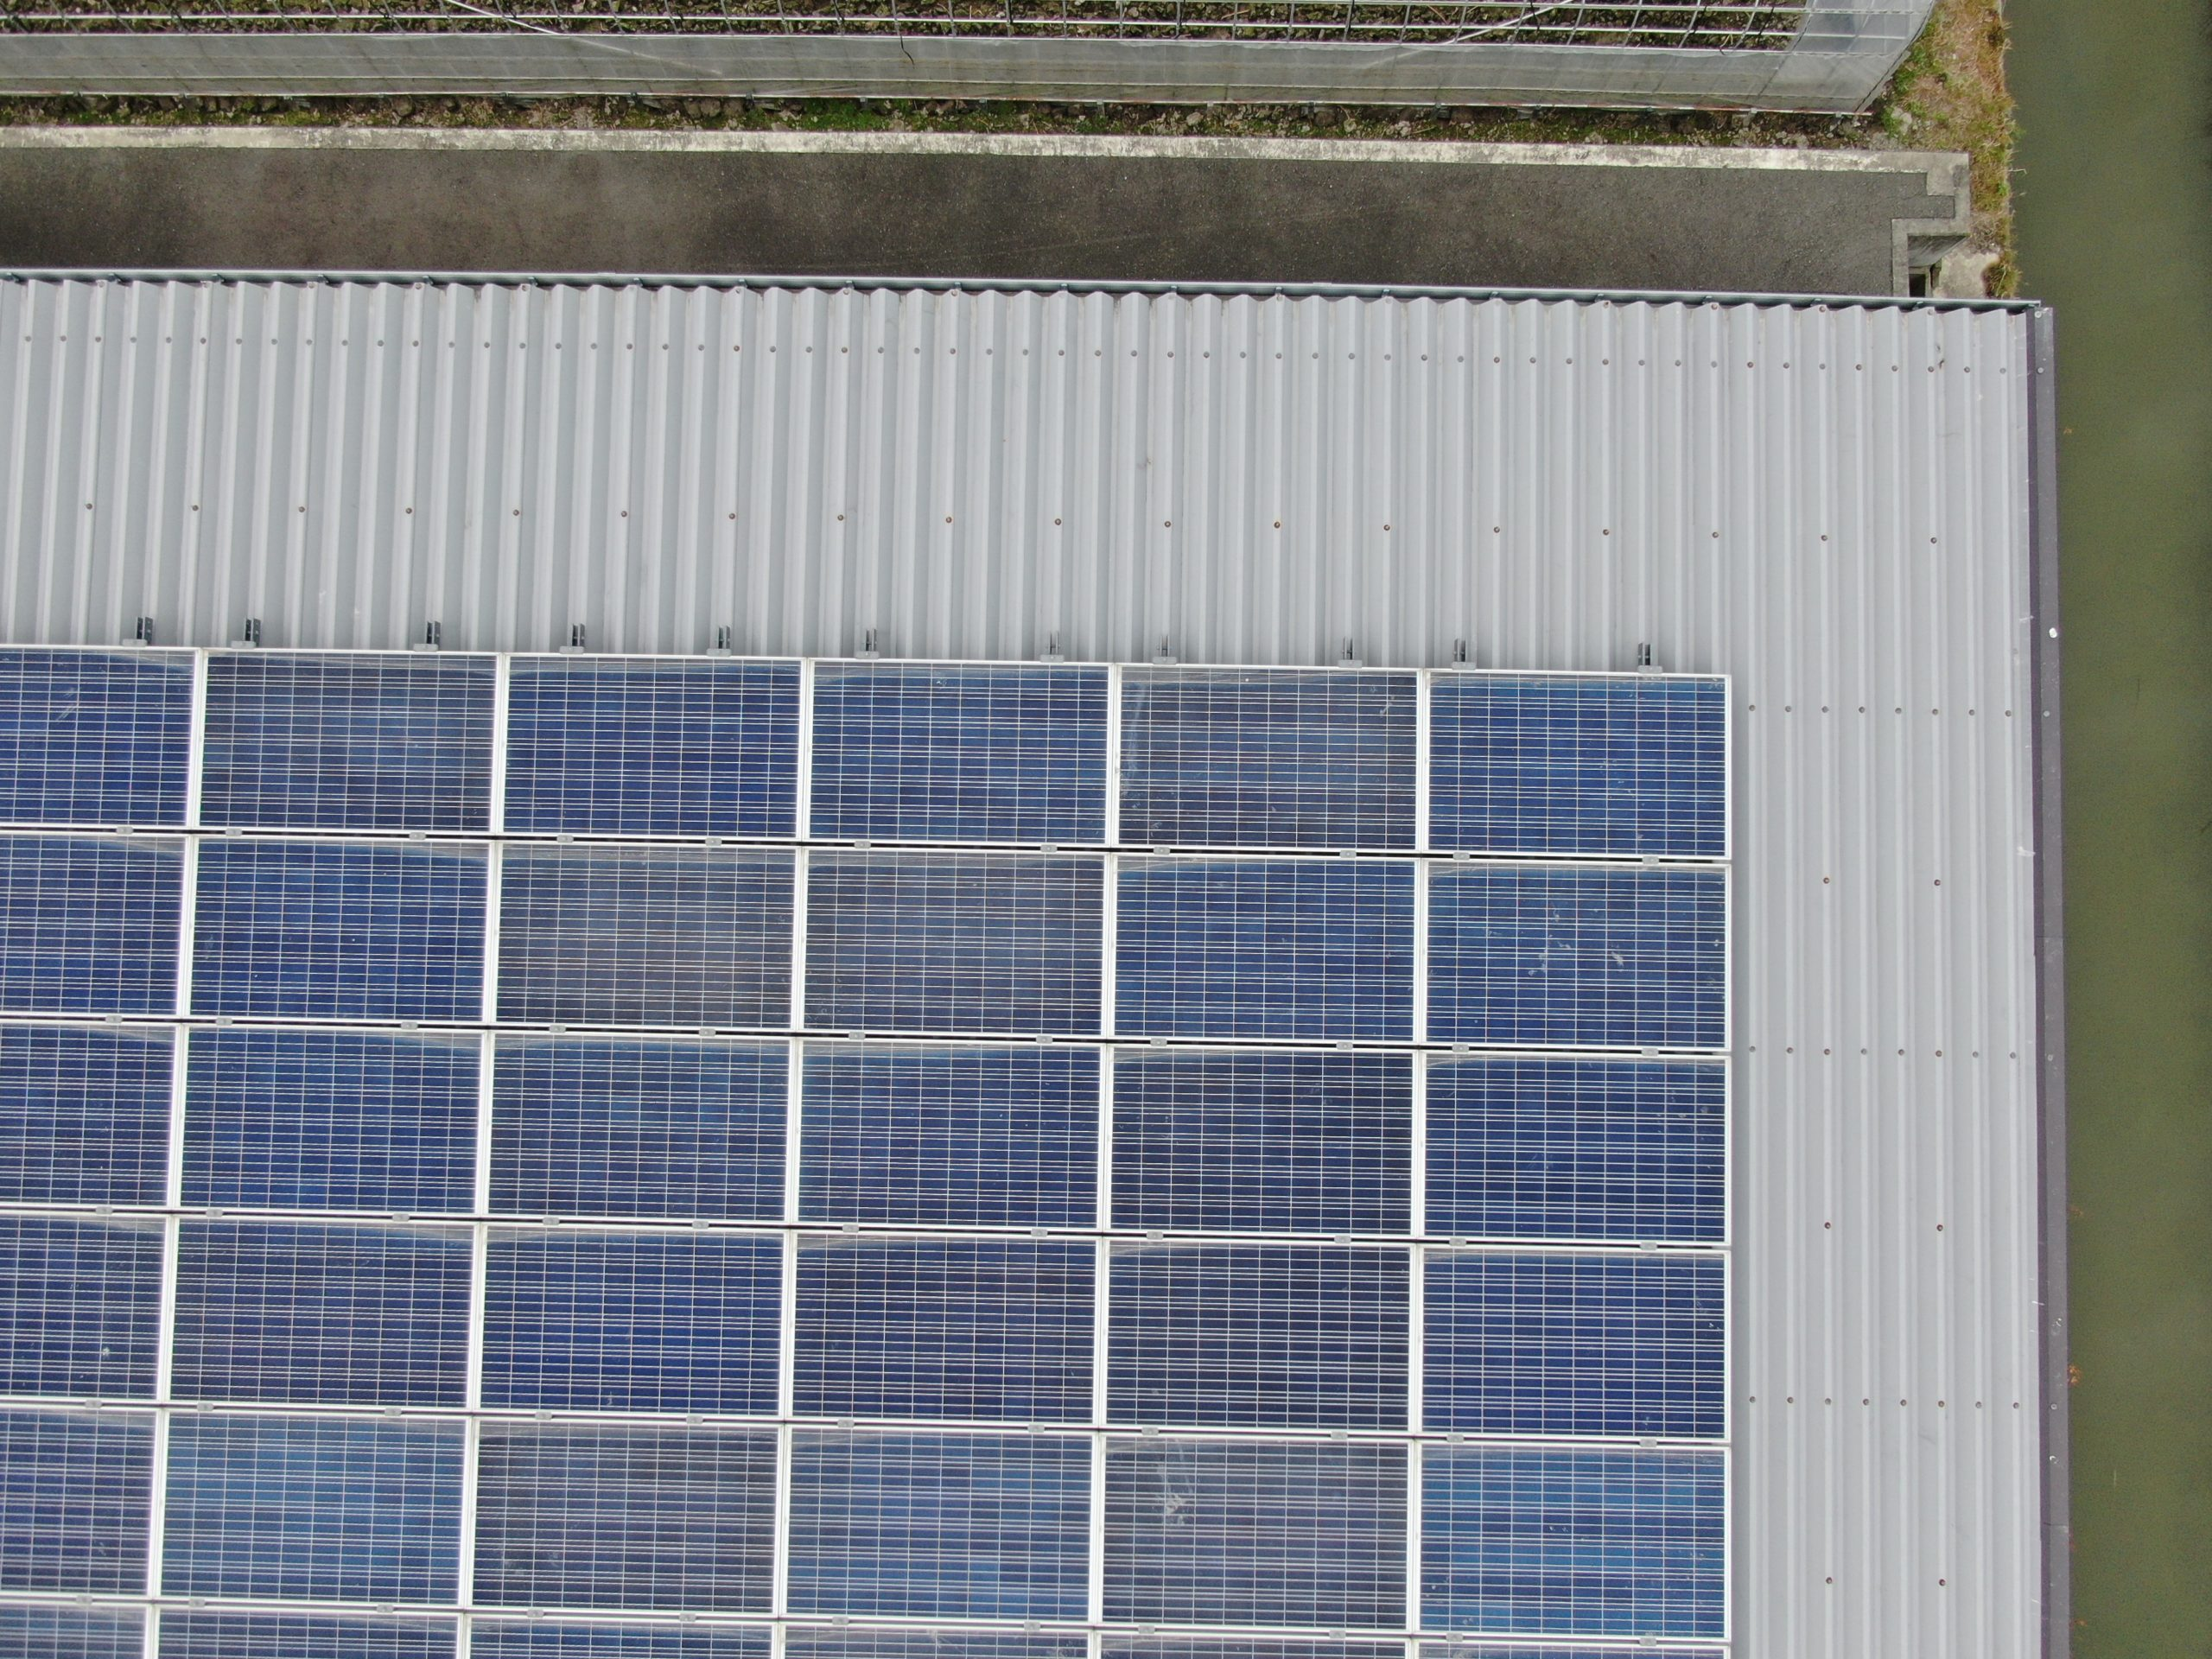 高画質ソーラーパネル画像